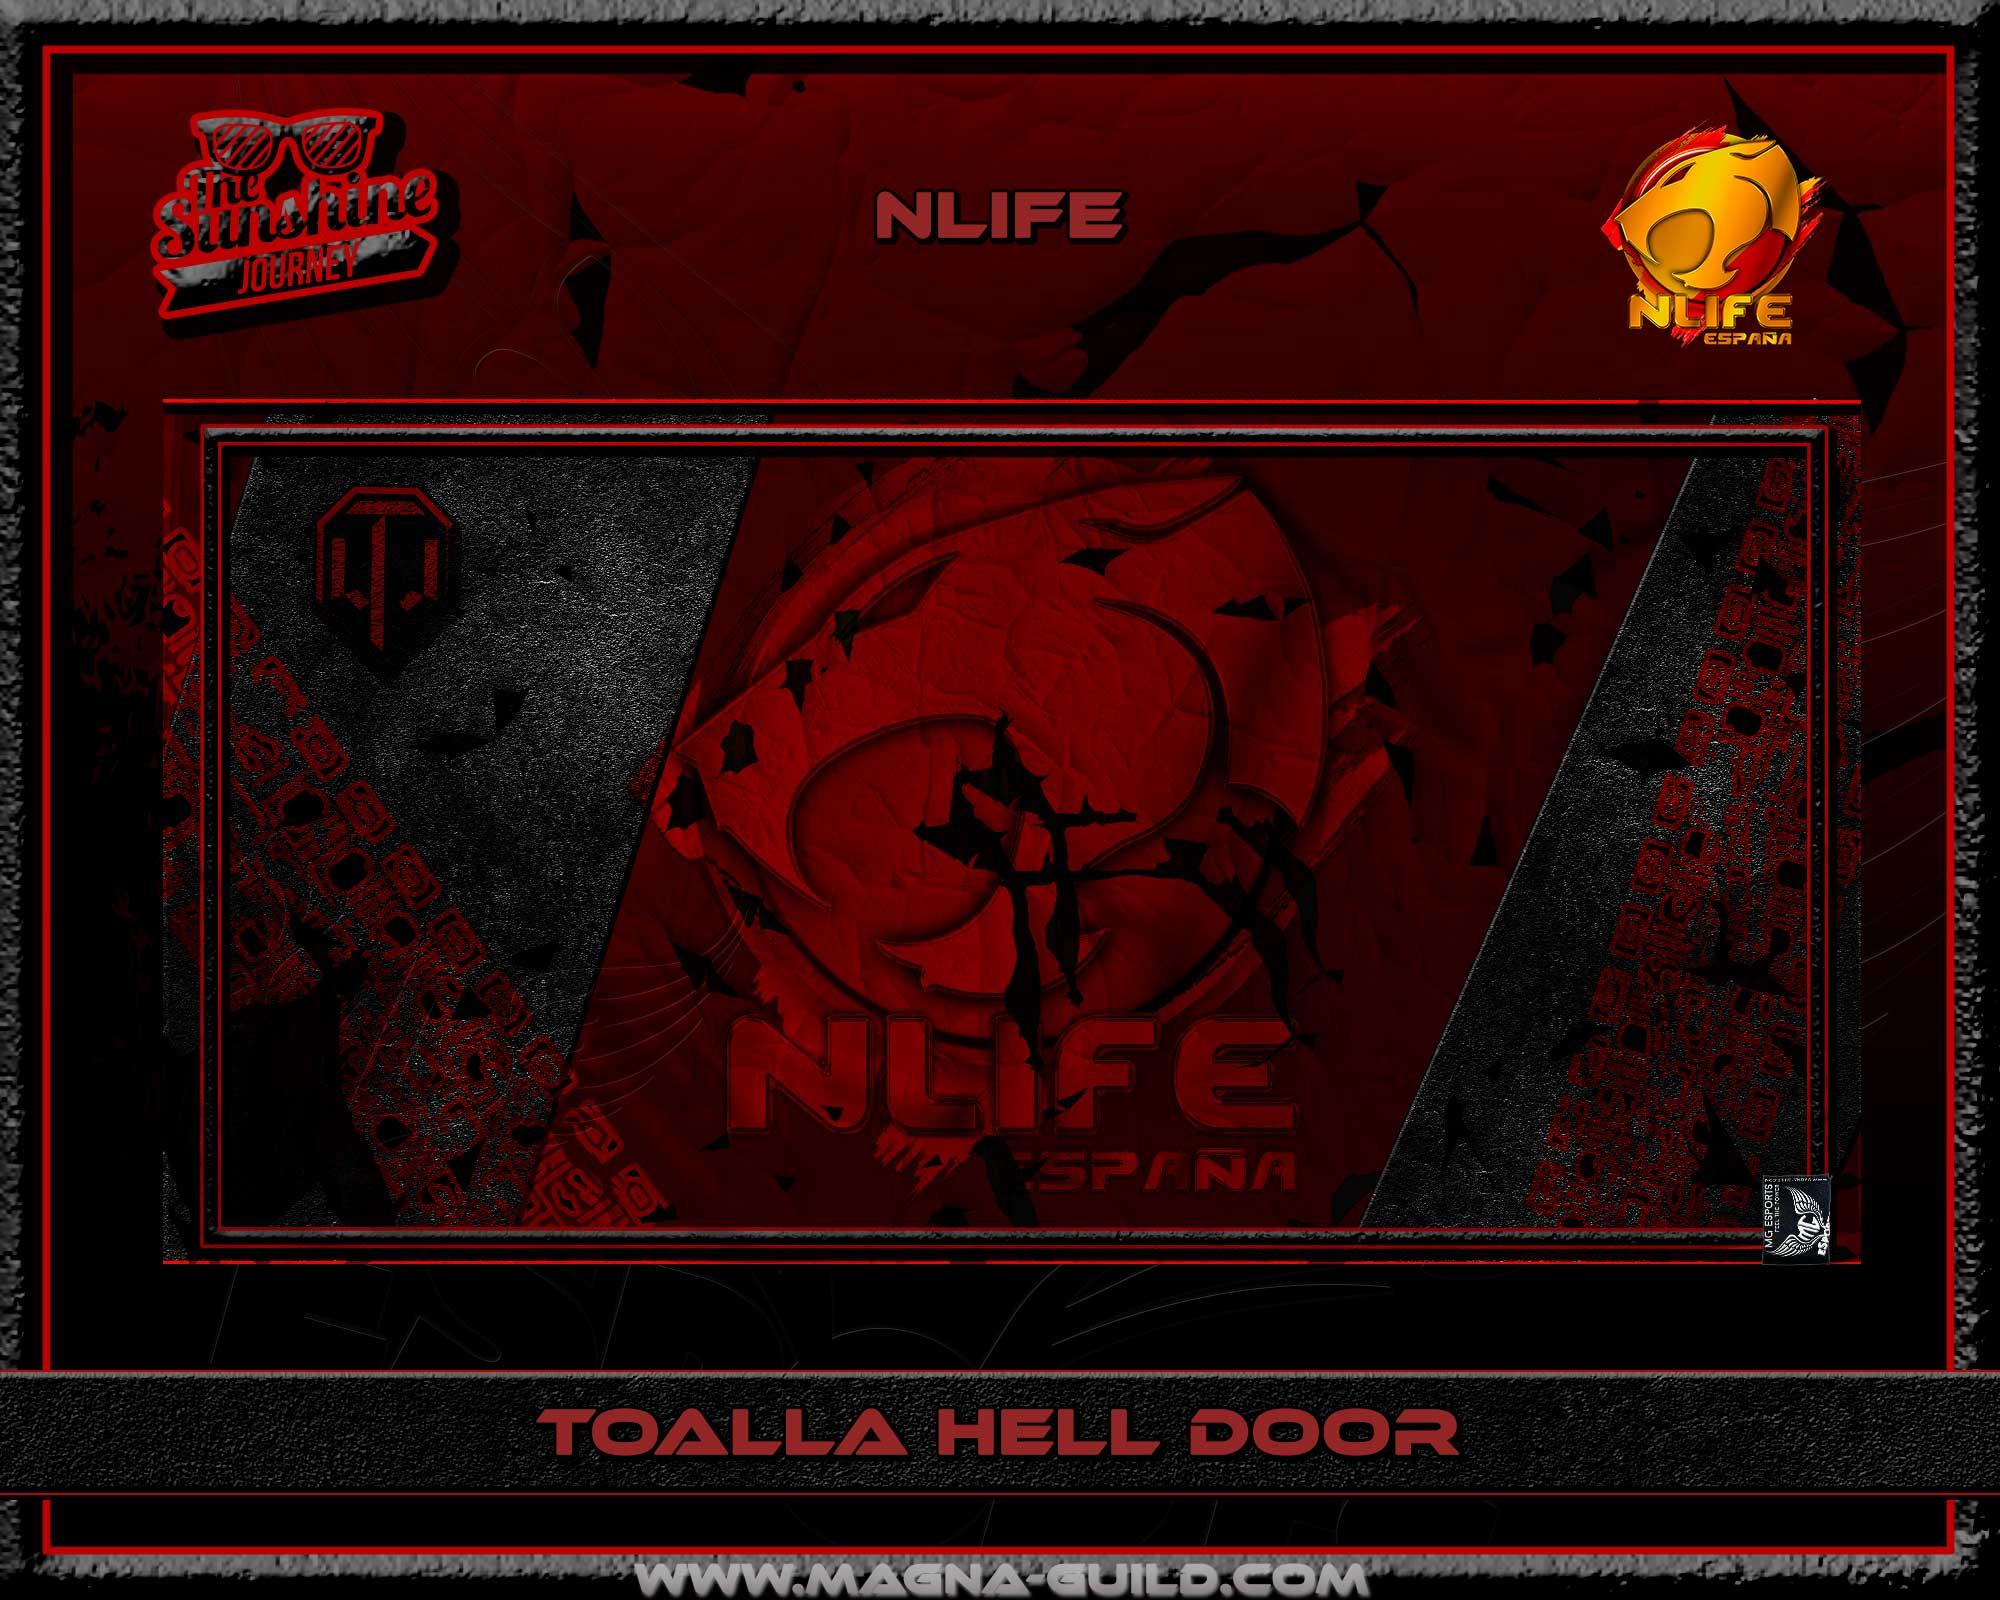 Toalla Hell Door